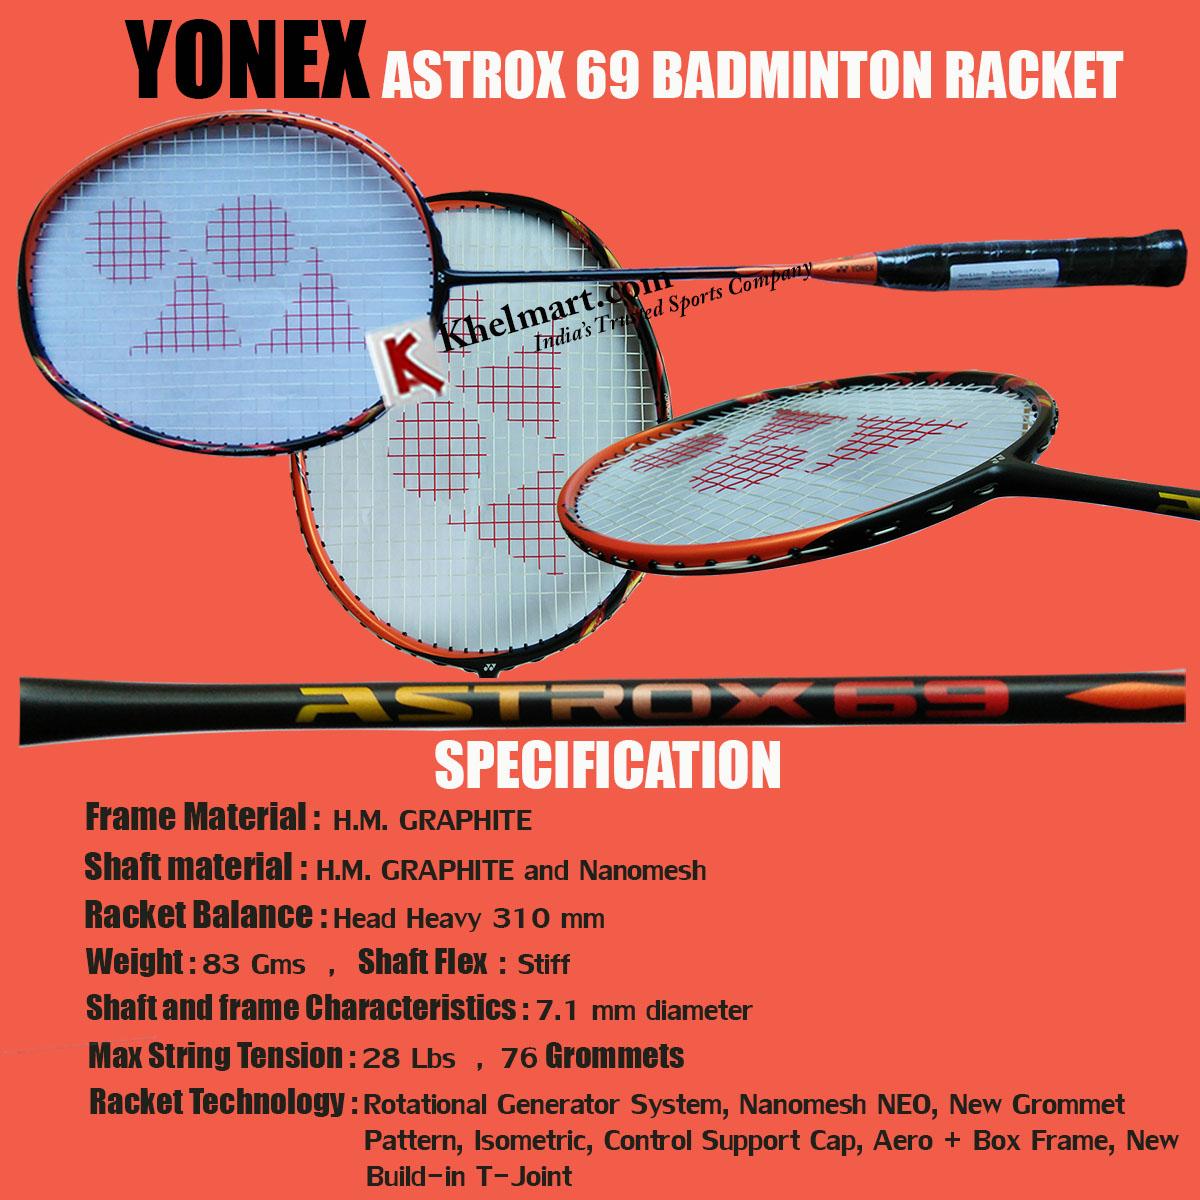 YONEX_ASTROX_69_BADMINTON_RACKET